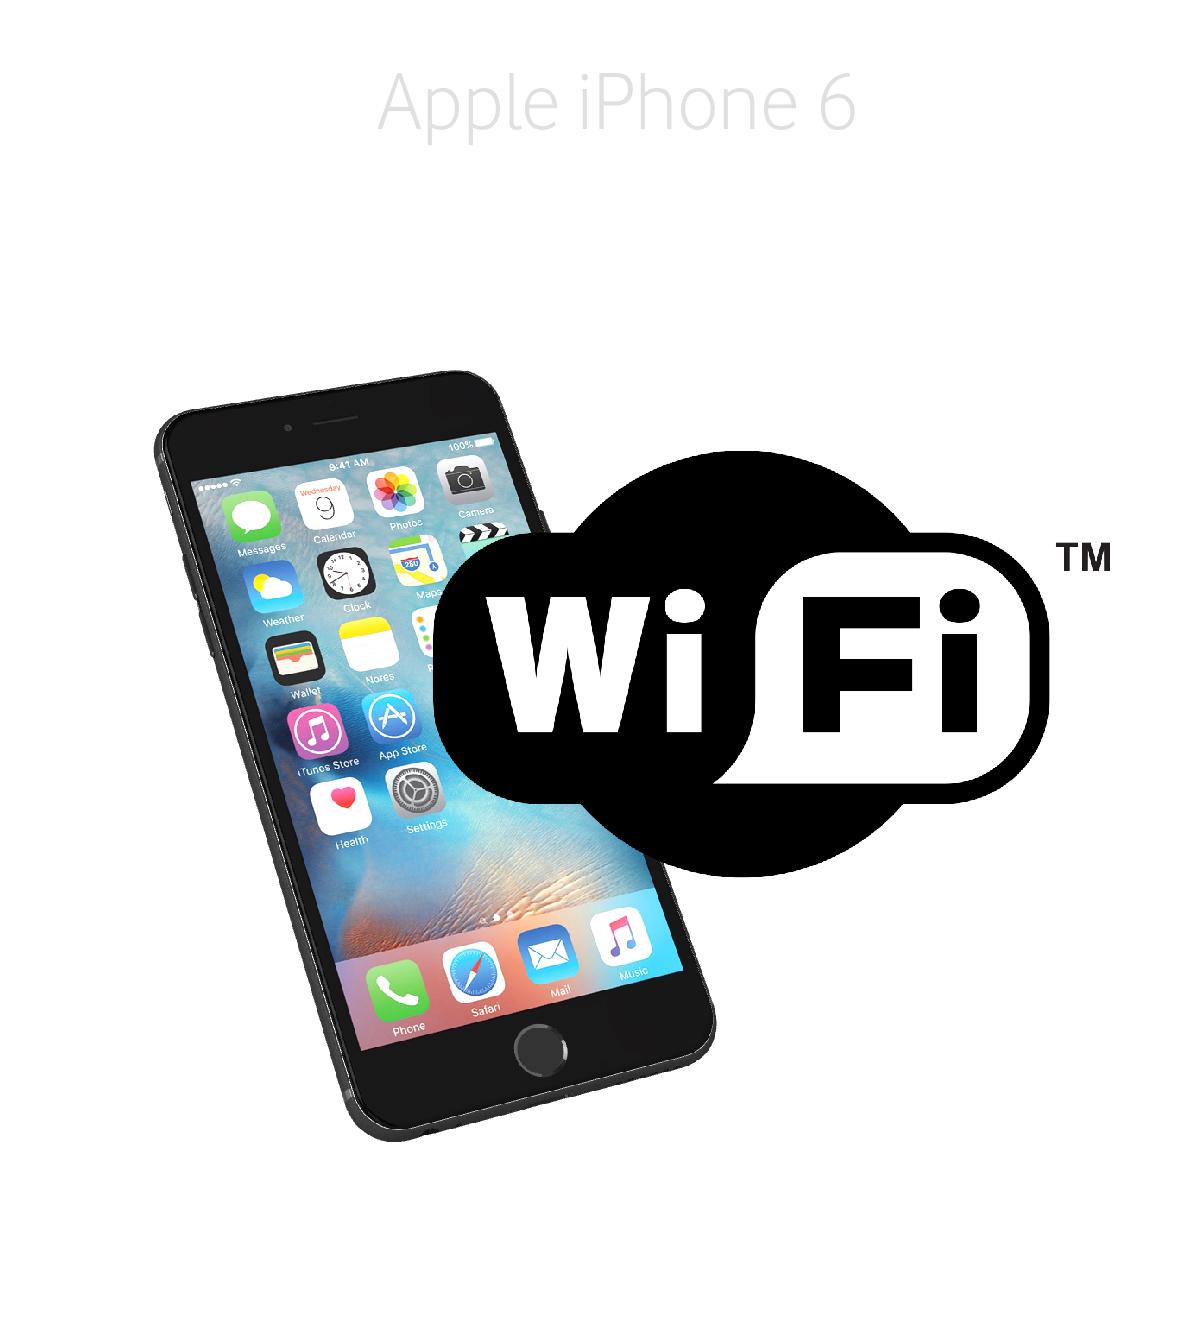 Laga wifi iPhone 6